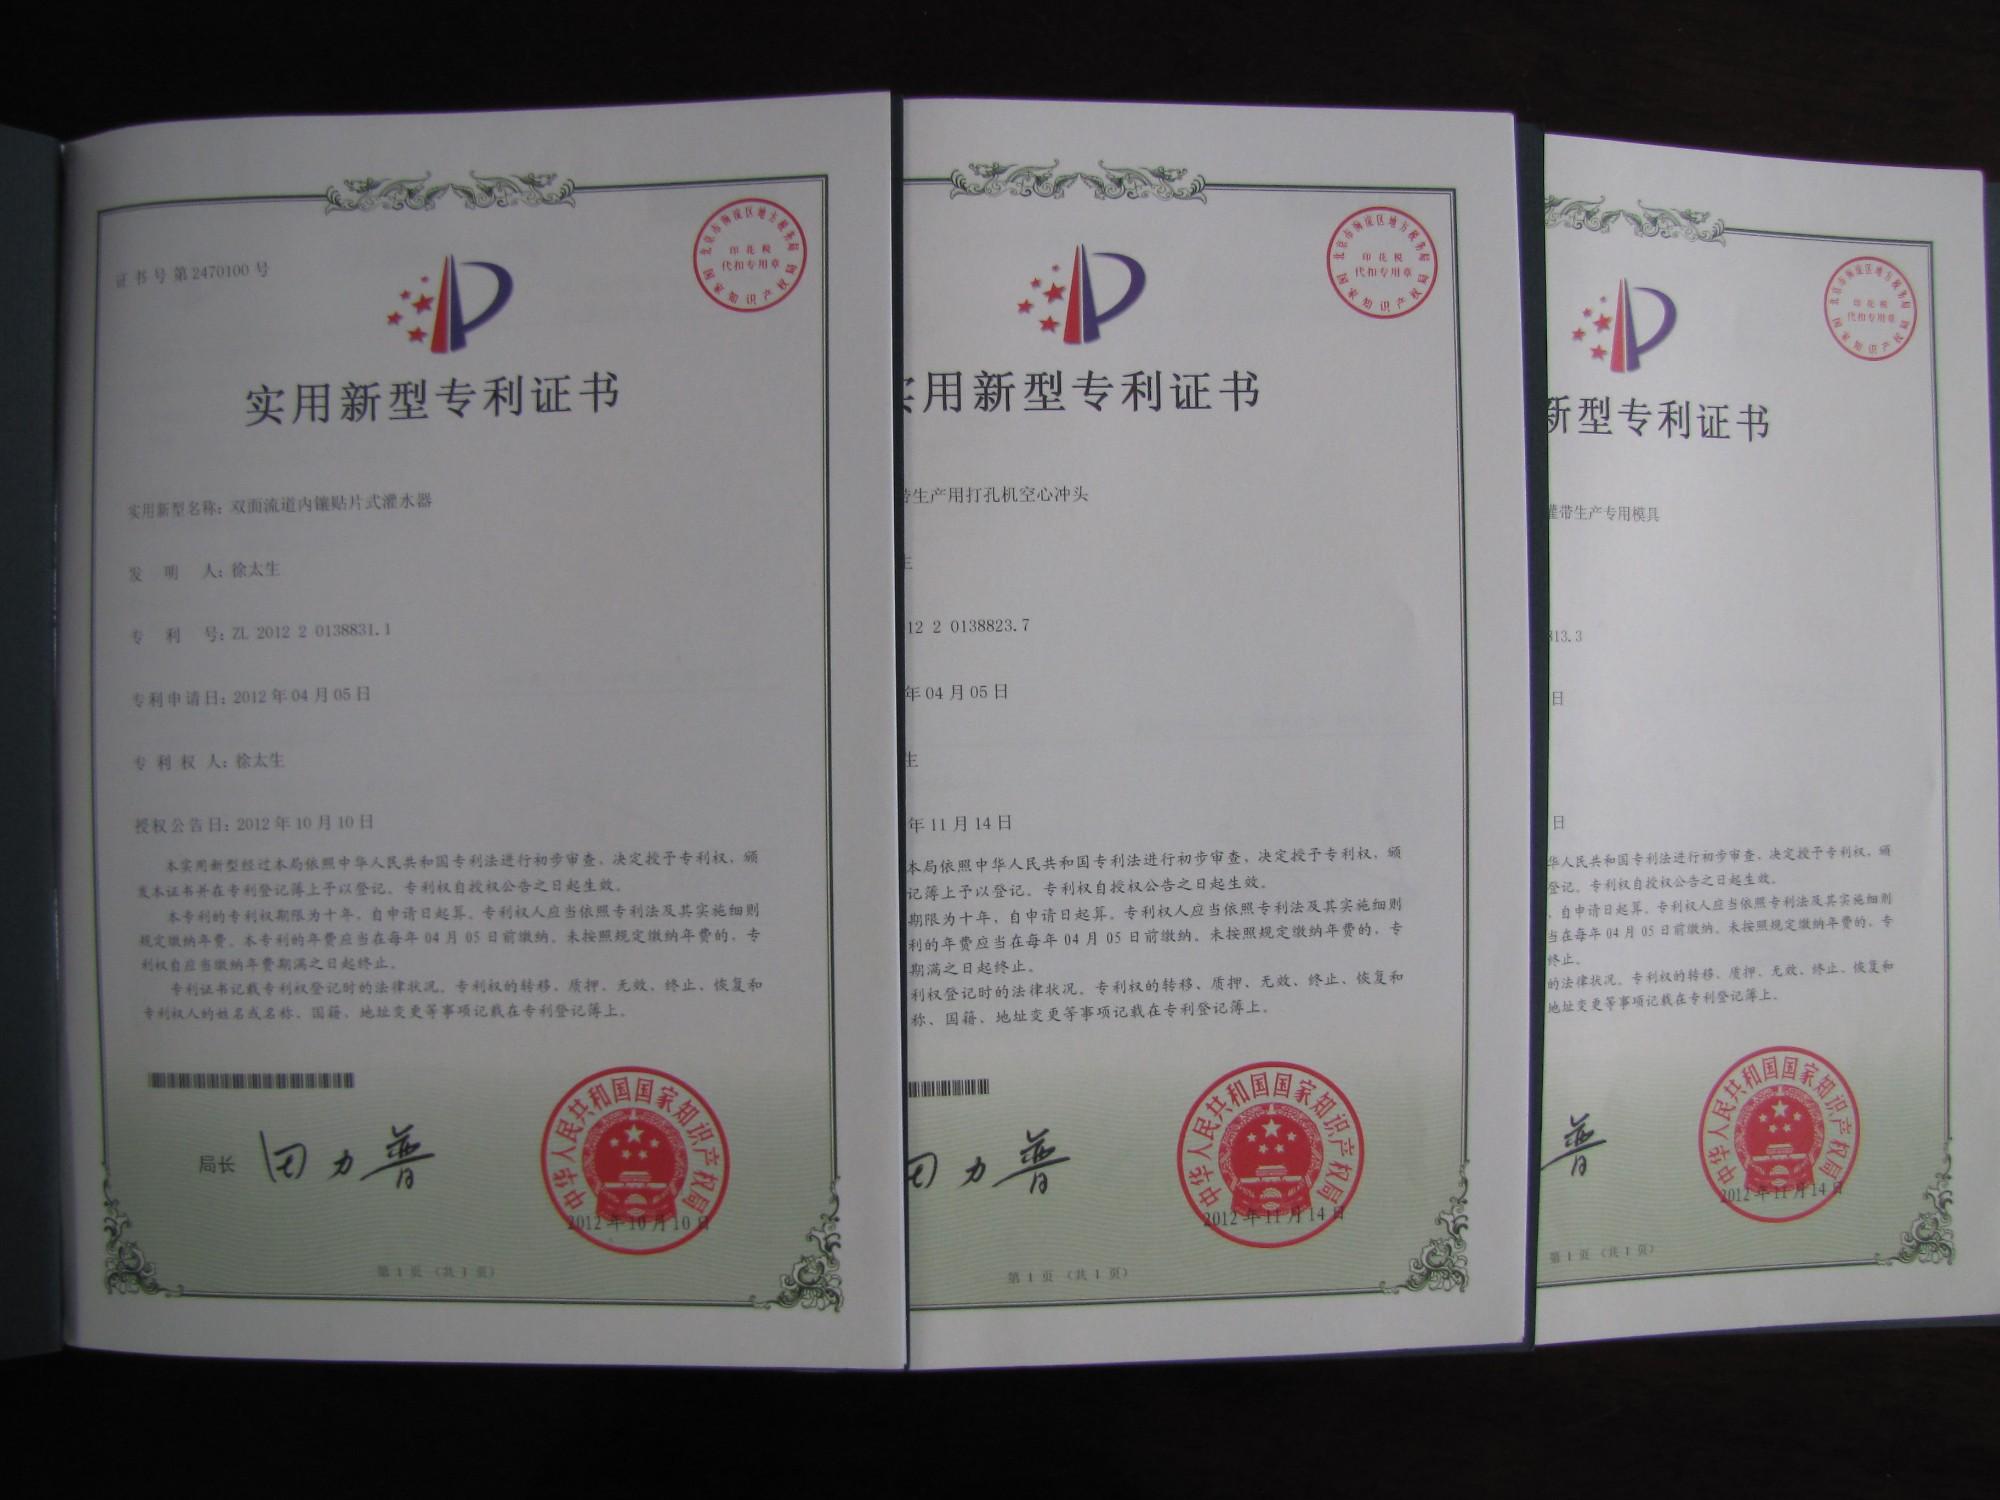 Nuestra patente